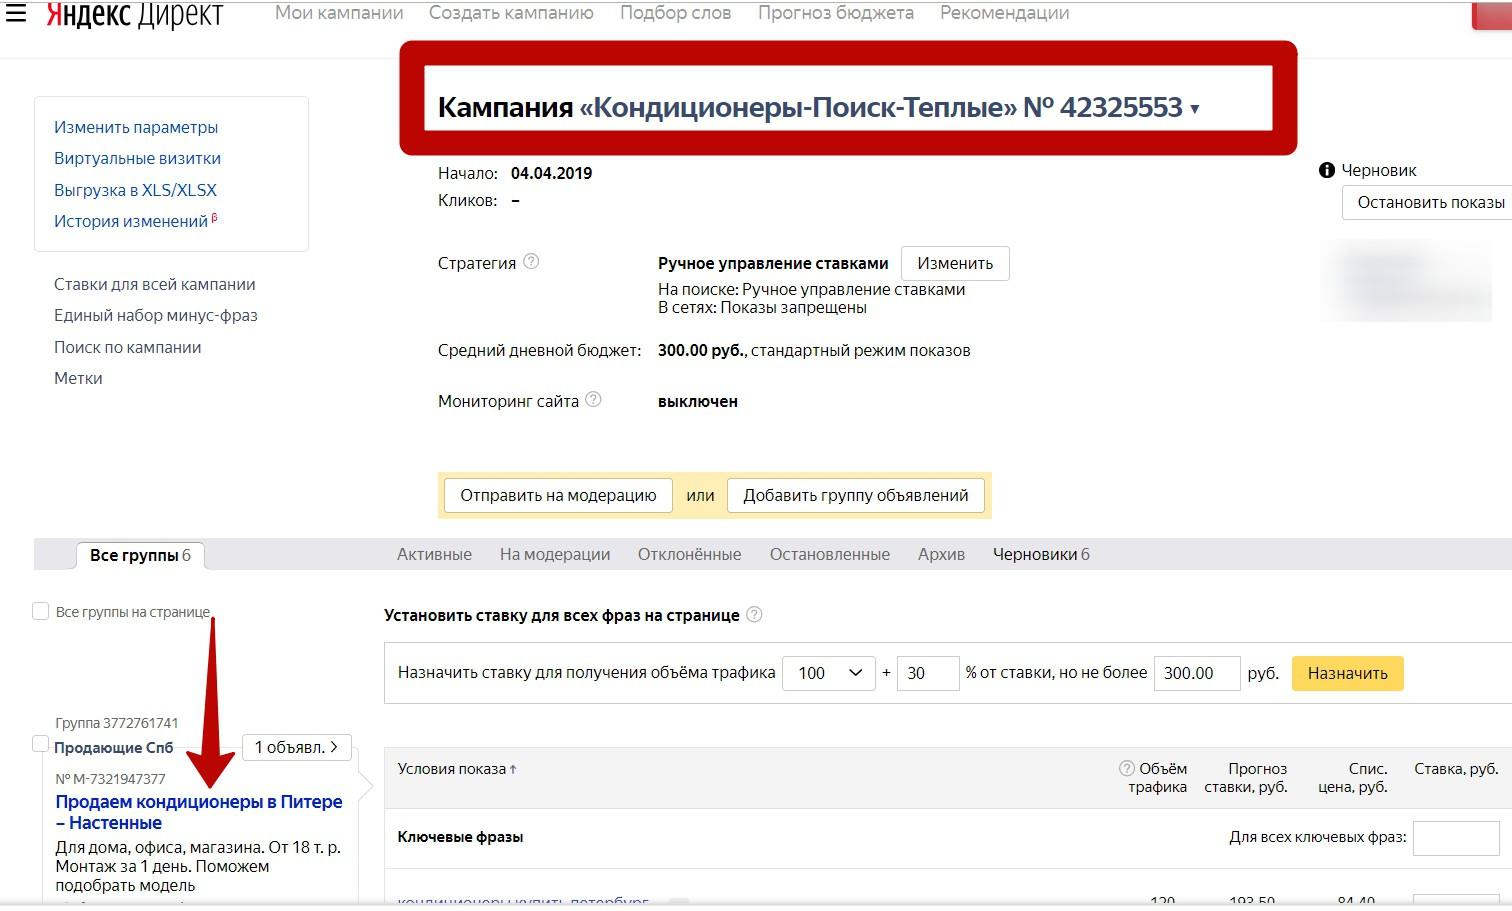 Реклама на поиске Яндекса – исходная группа объявлений в кампании